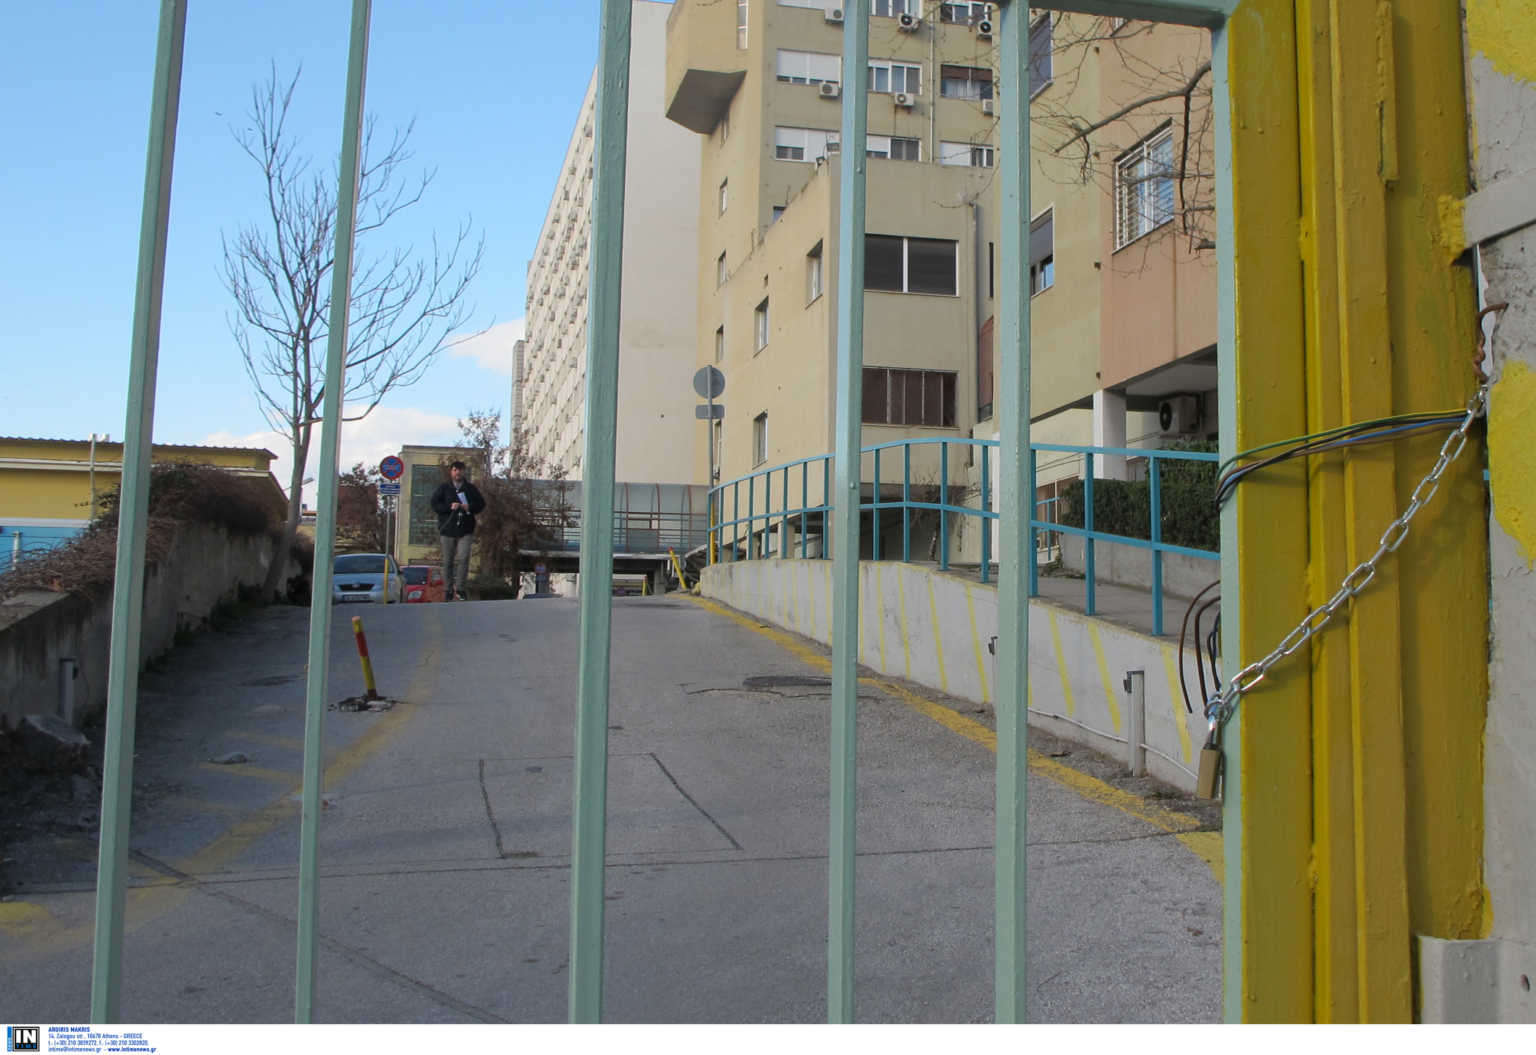 Ο 35χρονος από την Θεσσαλονίκη το νεαρότερο θύμα κορονοϊού στην Ελλάδα